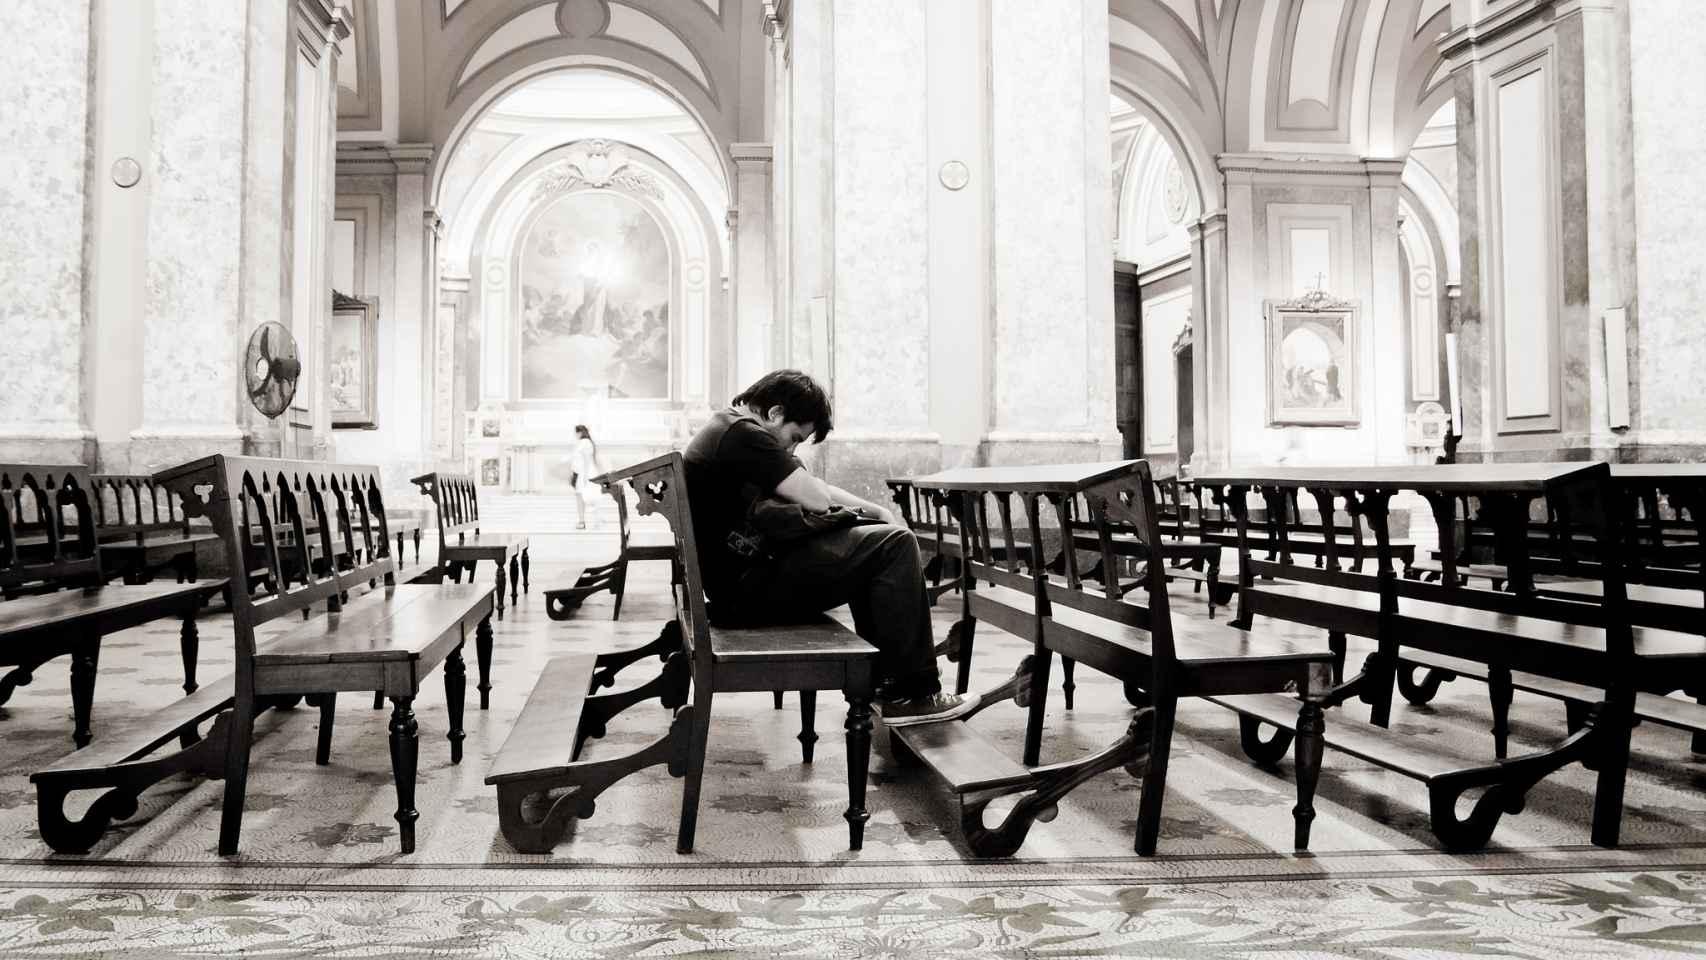 Un hombre reza en soledad.